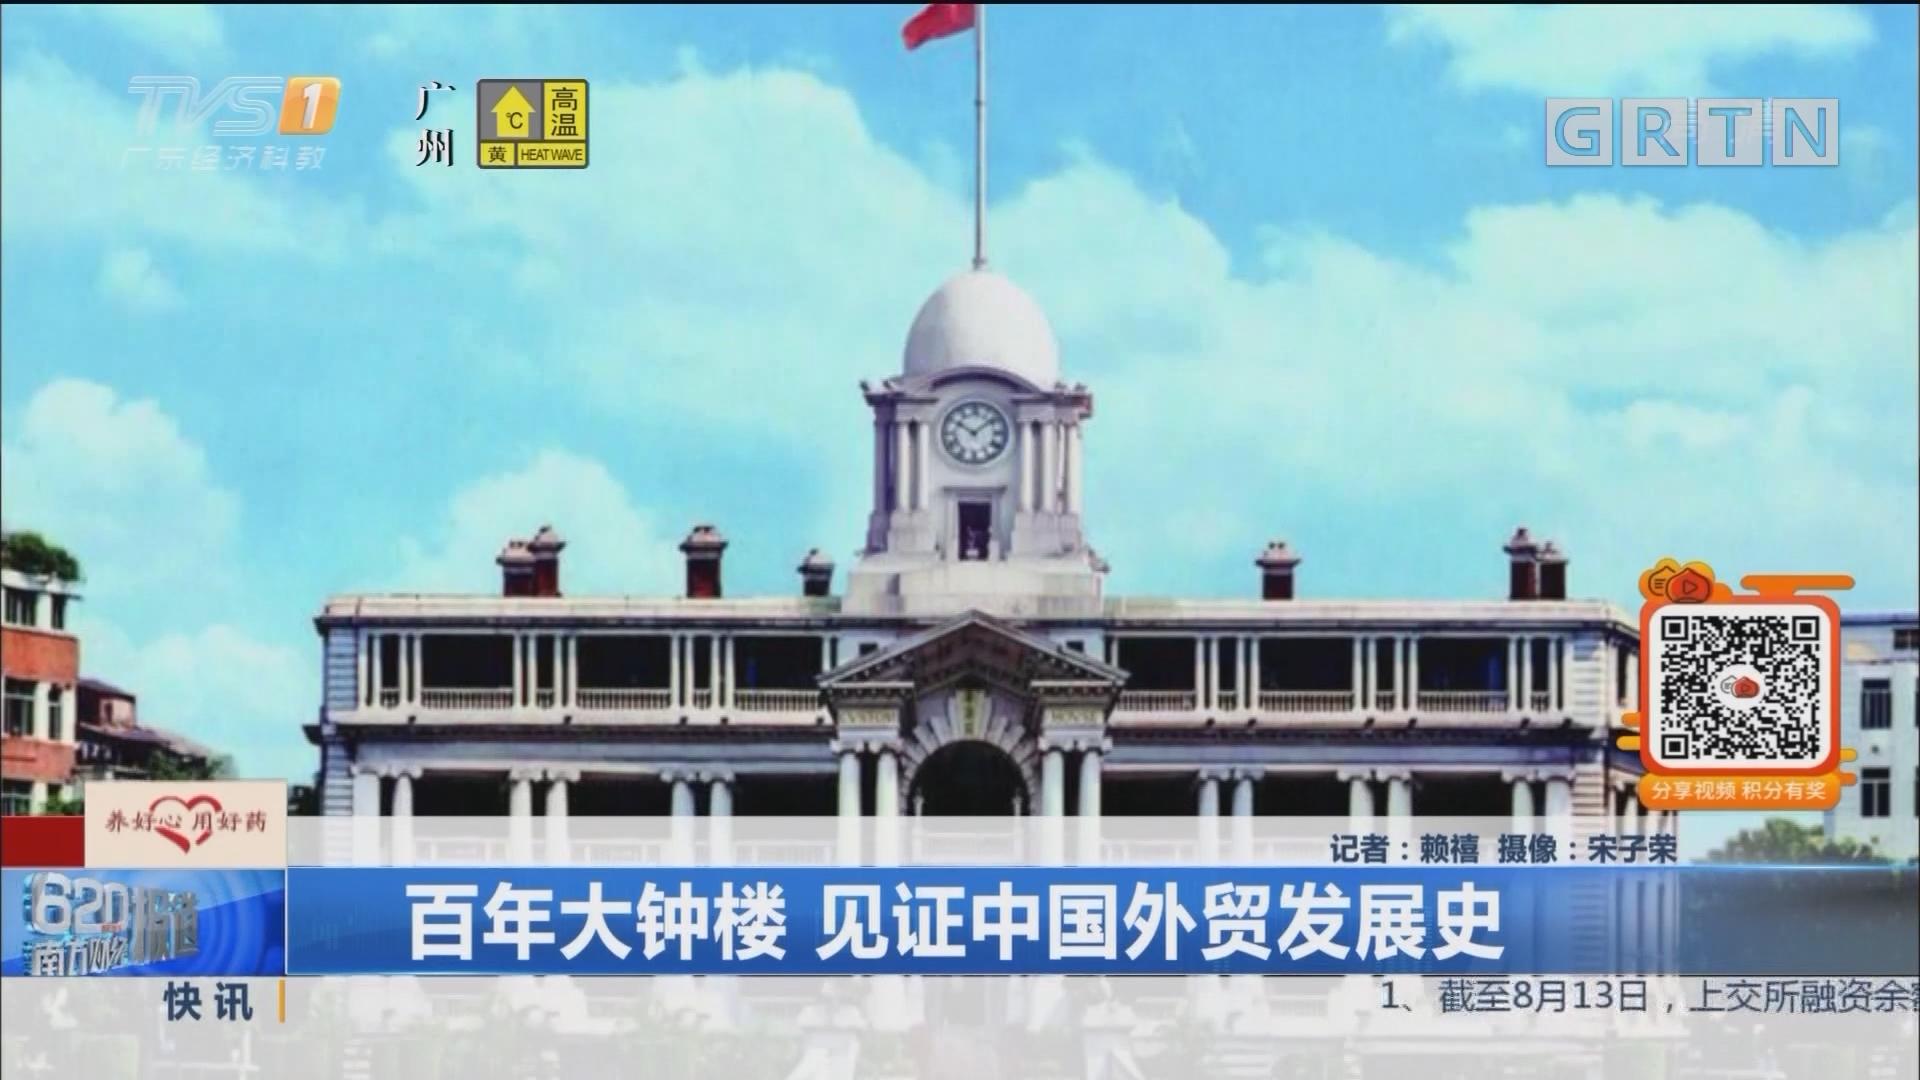 百年大钟楼 见证中国外贸发展史